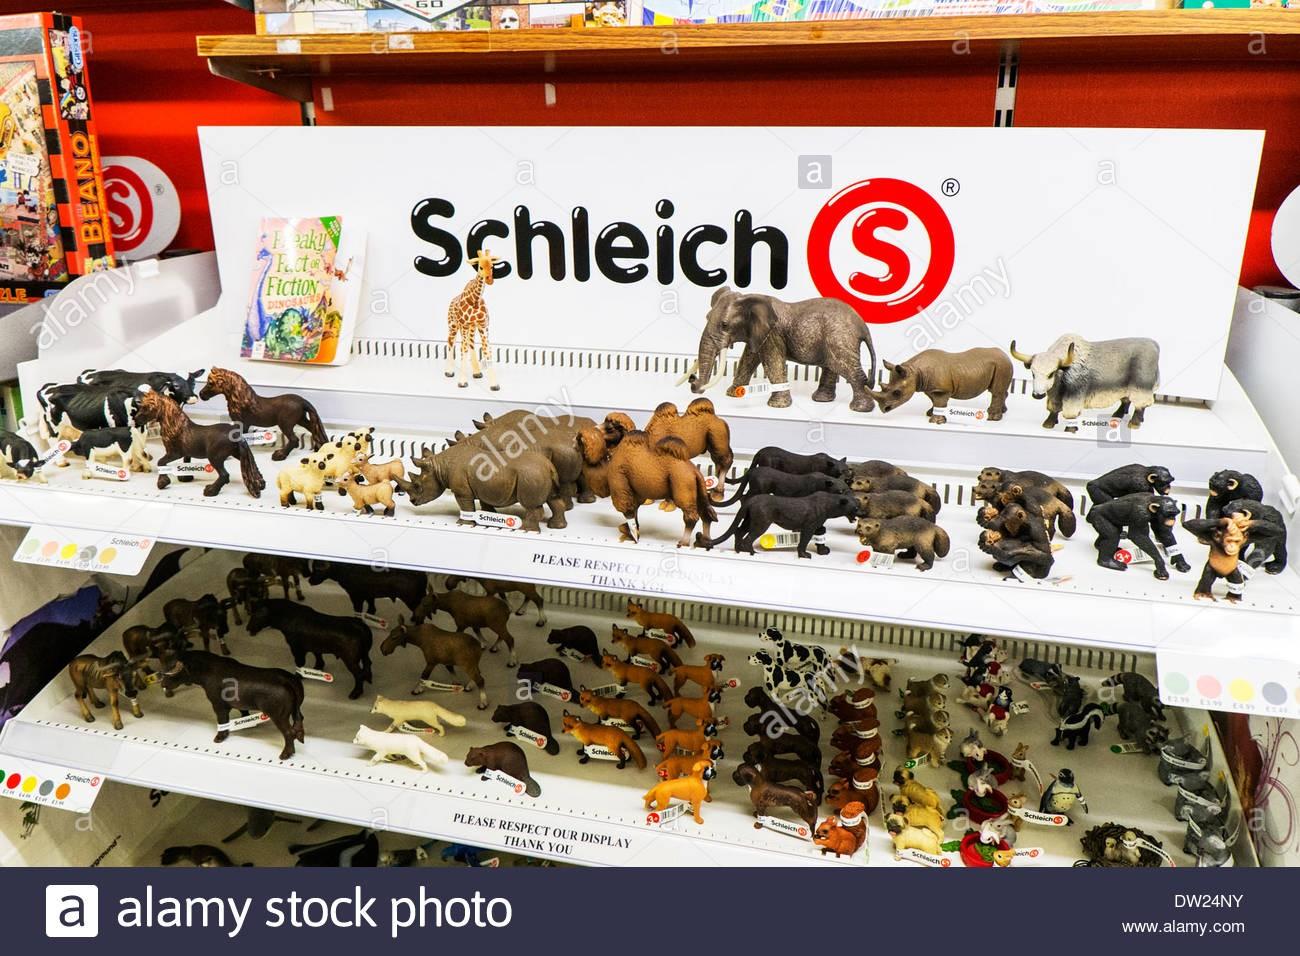 Les races de chevaux Schleich